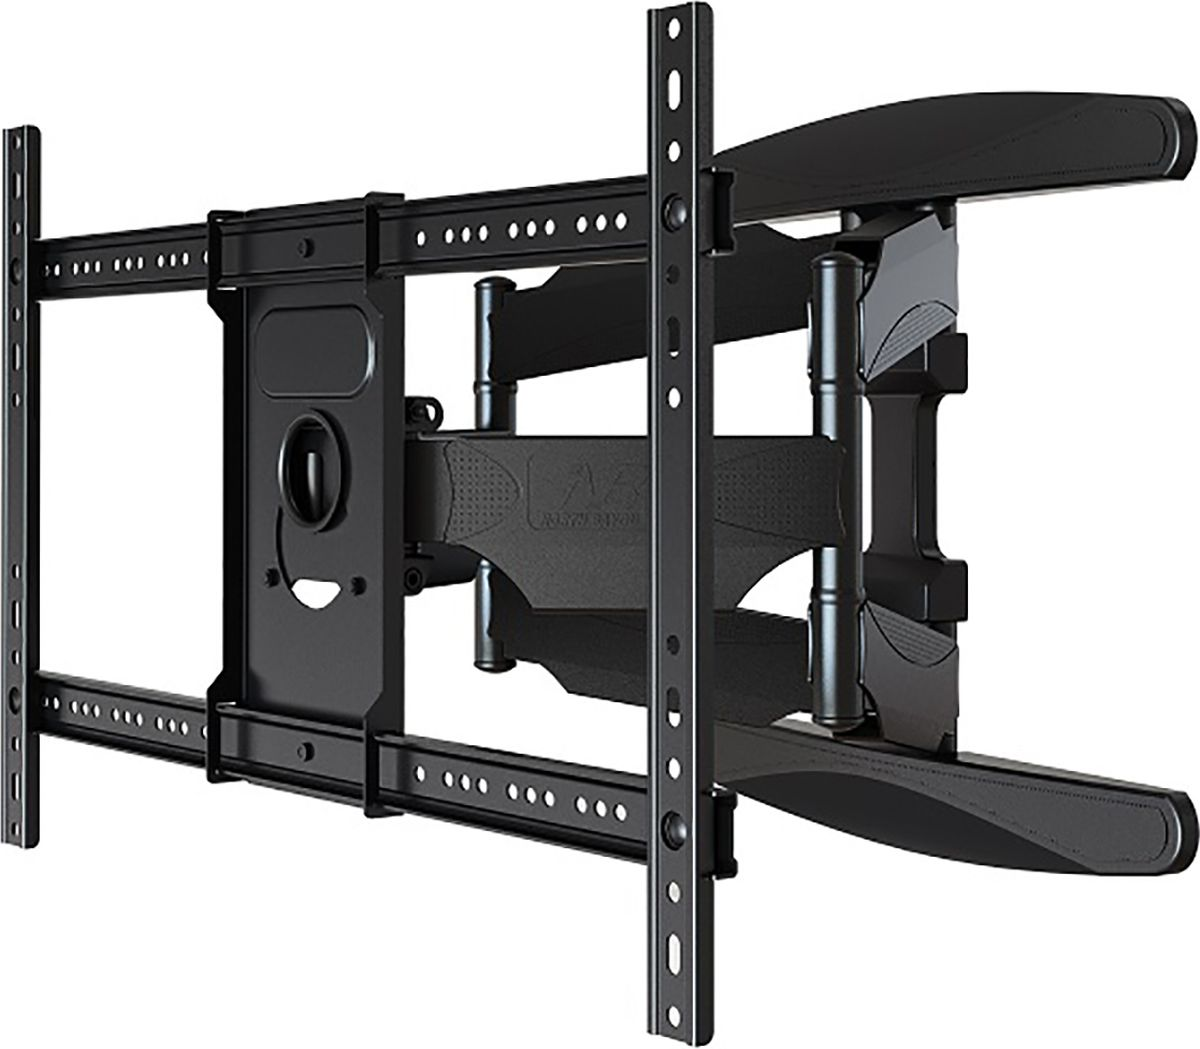 North Bayou NB P6, Black кронштейнчёрныйNorth Bayou NB P6 - сверхмощный кронштейн с широким и надёжным основанием крепления к стене. Он предназначен для телевизоров с диагональю 40-70. Легко настраивается и быстро устанавливается, безопасен и имеет привлекательный дизайн. Оптимальный угол обзора достигается за счет возможности наклона экрана на -5/+8 градусов и поворота на 140°.Материал: холоднокатаная сталь, SPCC class